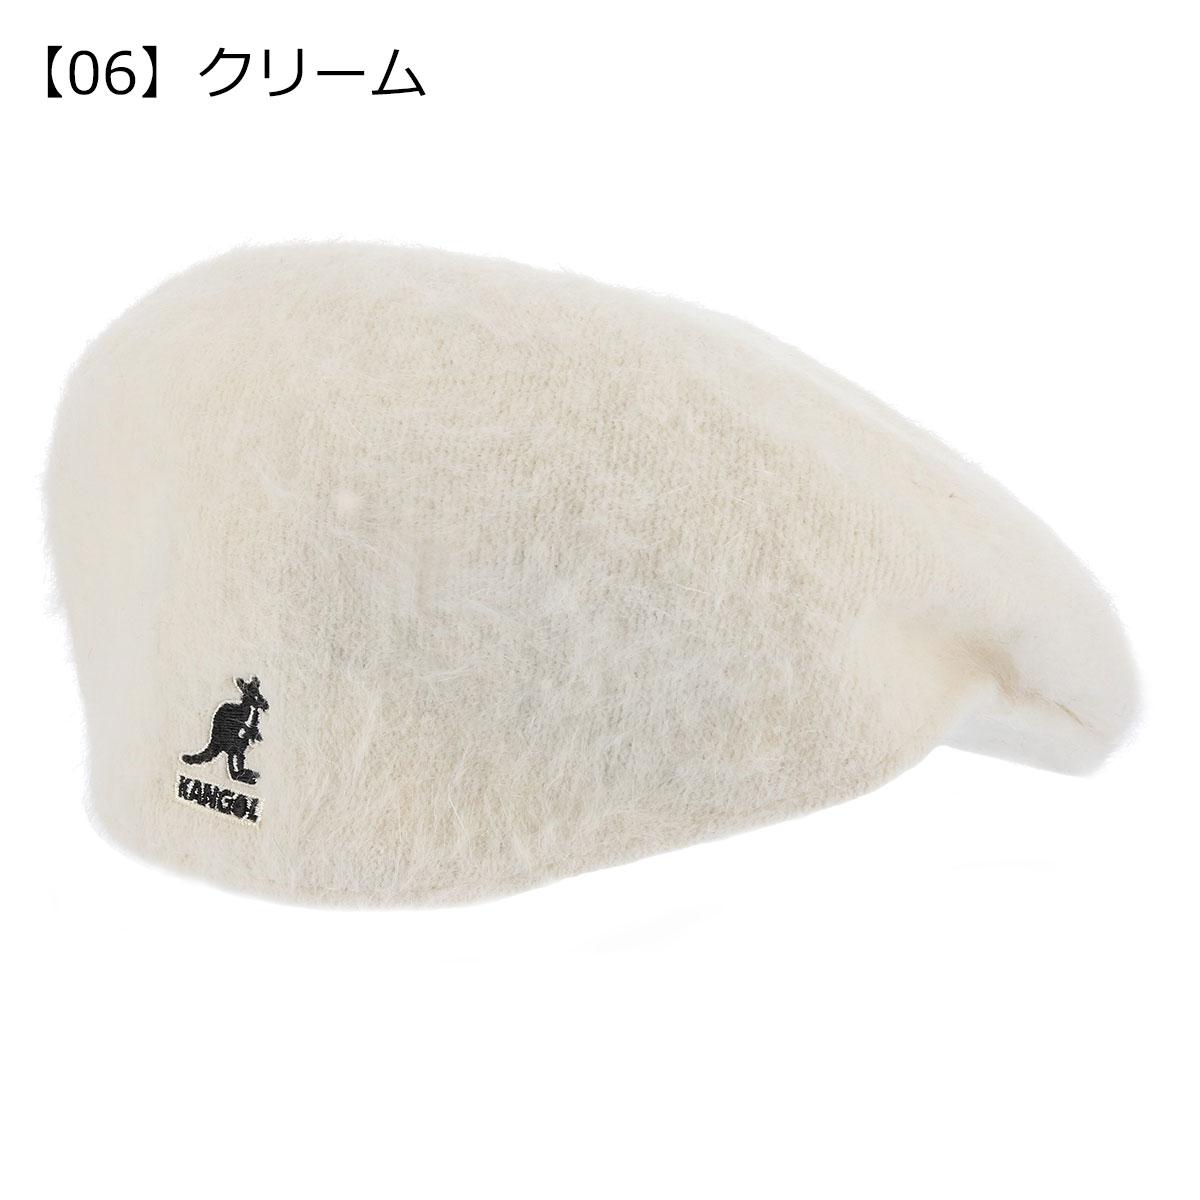 【06】クリーム